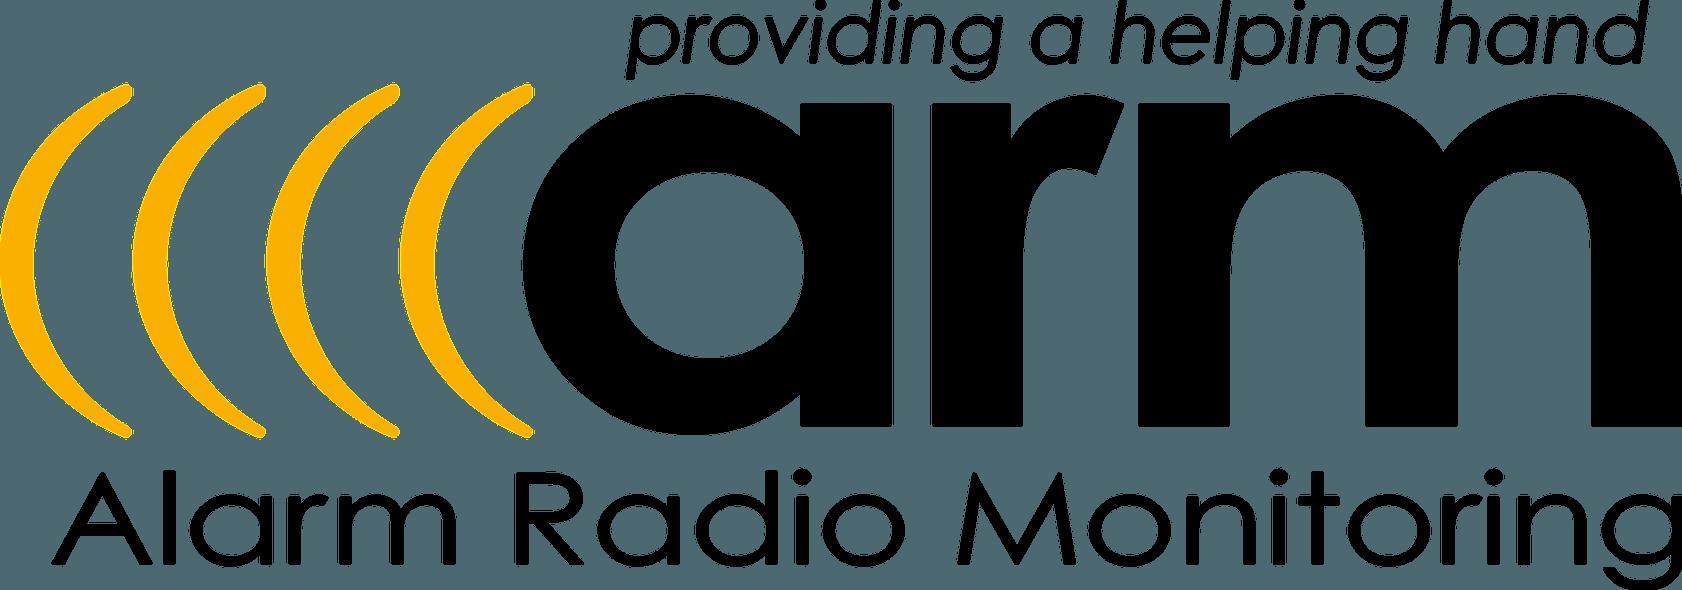 ARM (Alarm Radio Monitoring)